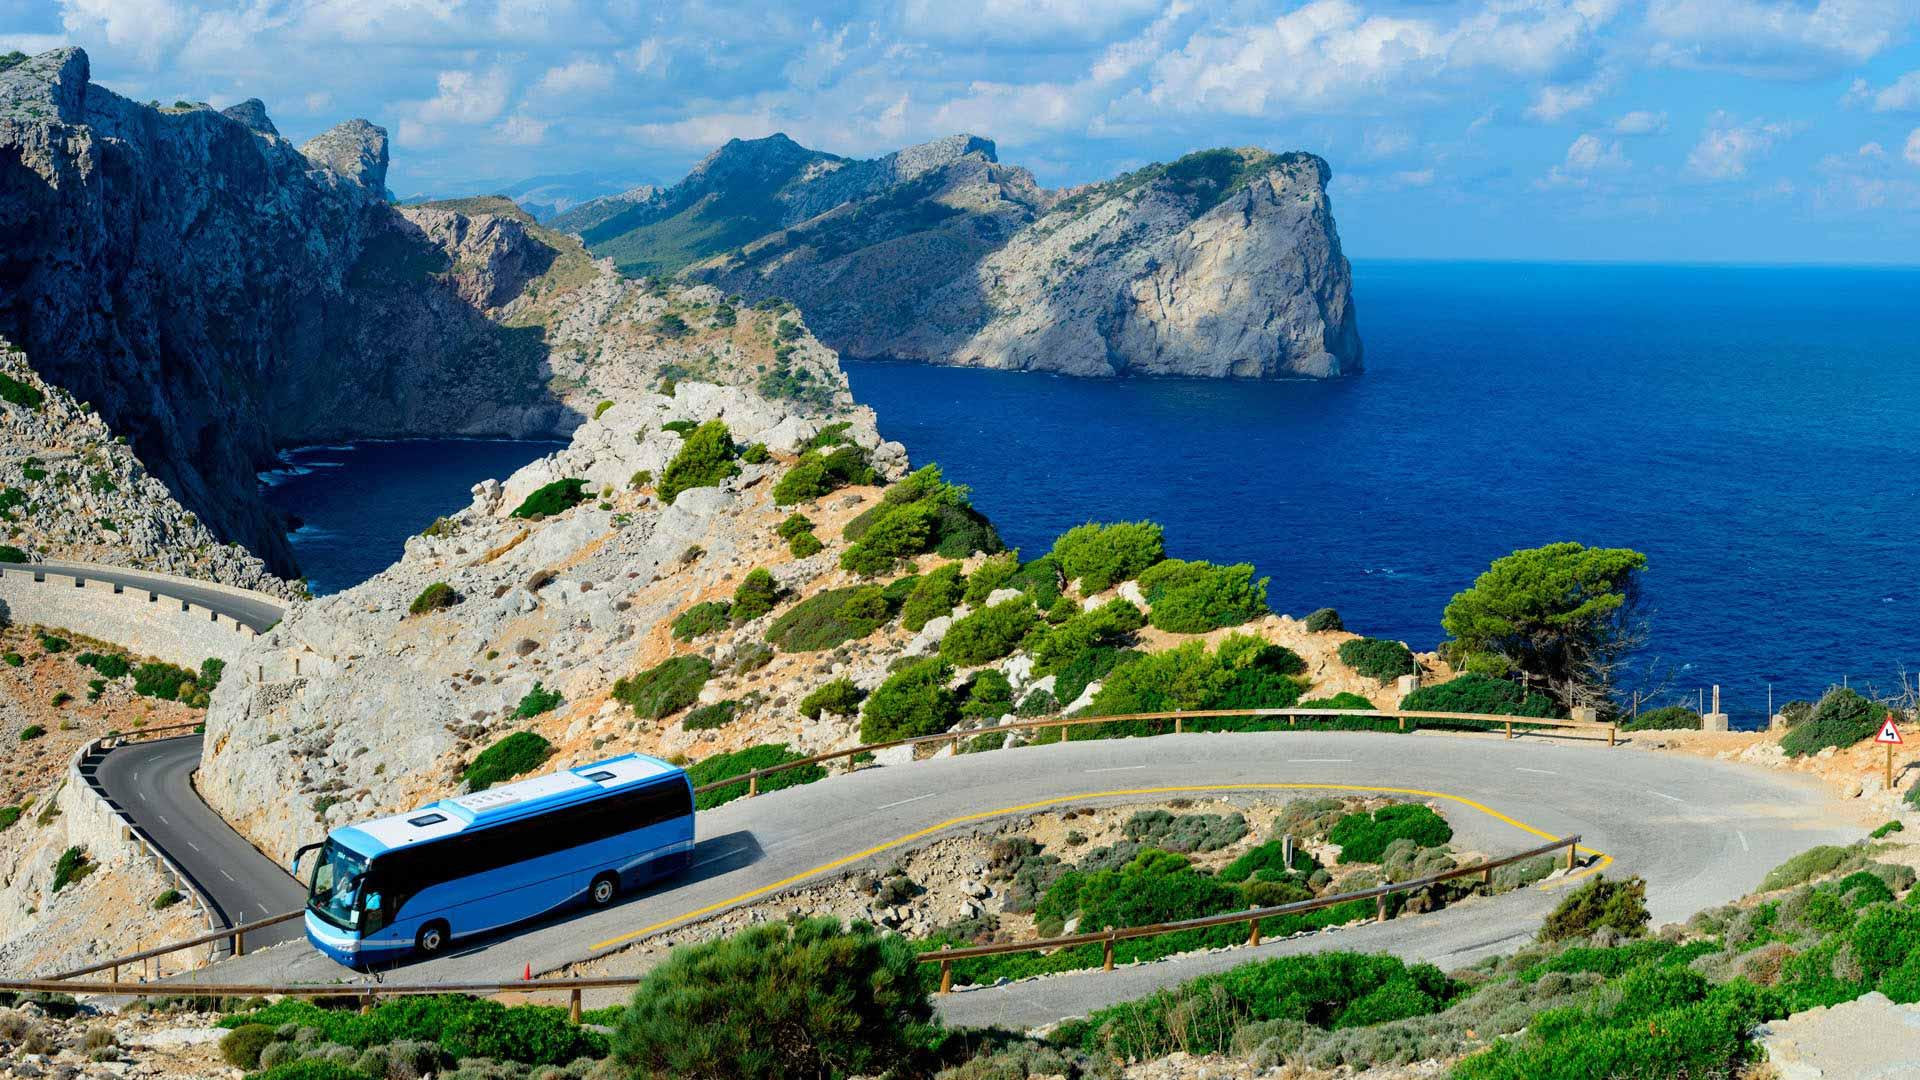 C mo moverse en las islas baleares por mar - Transporte islas baleares ...